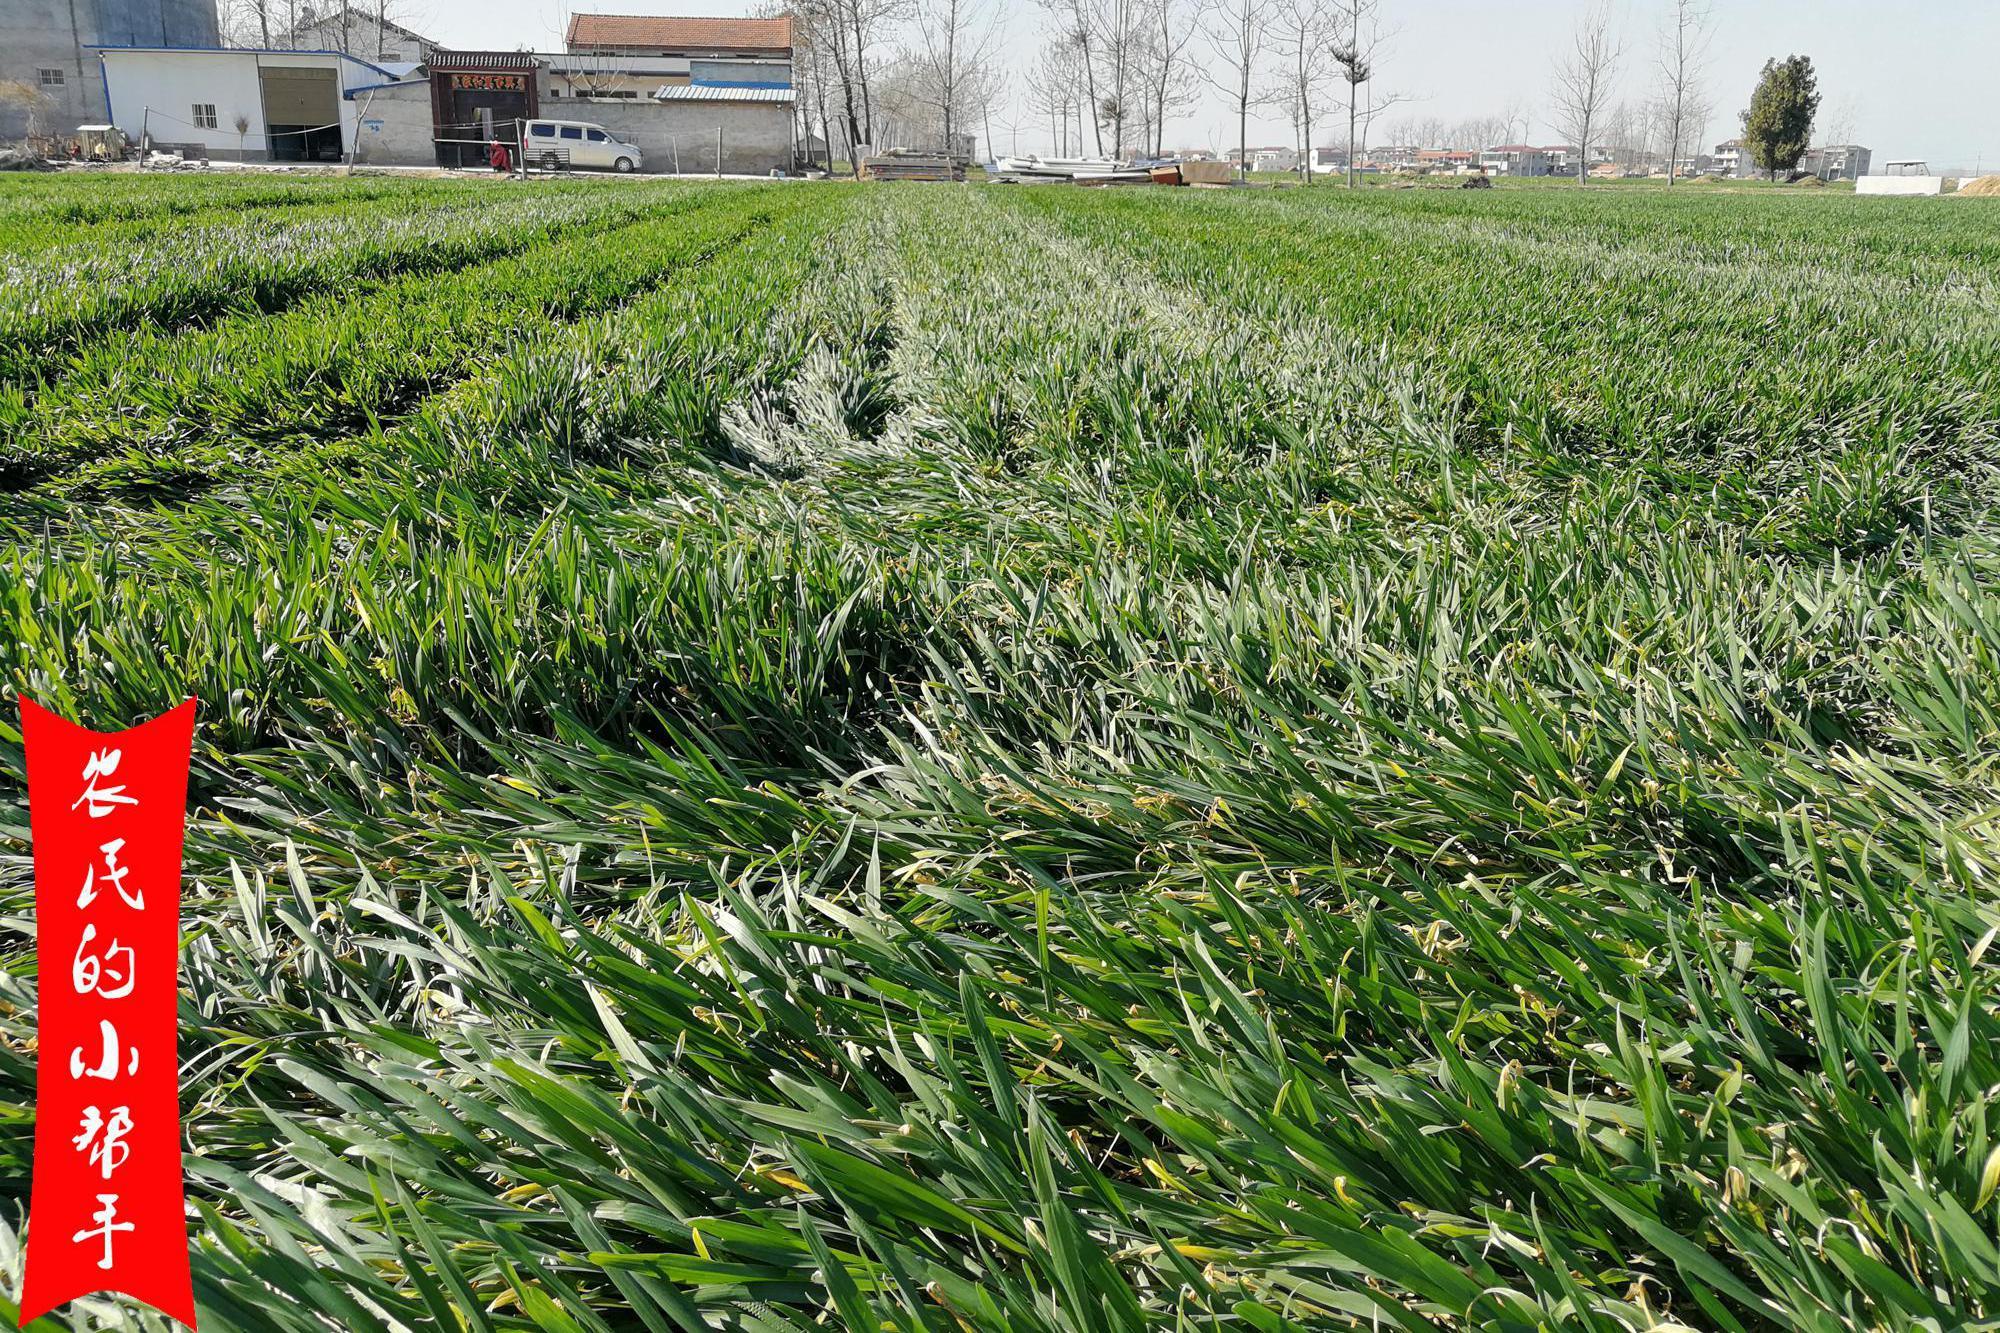 小麦进入拔节期,被车压过后,还能抽穗吗?一因素很关键